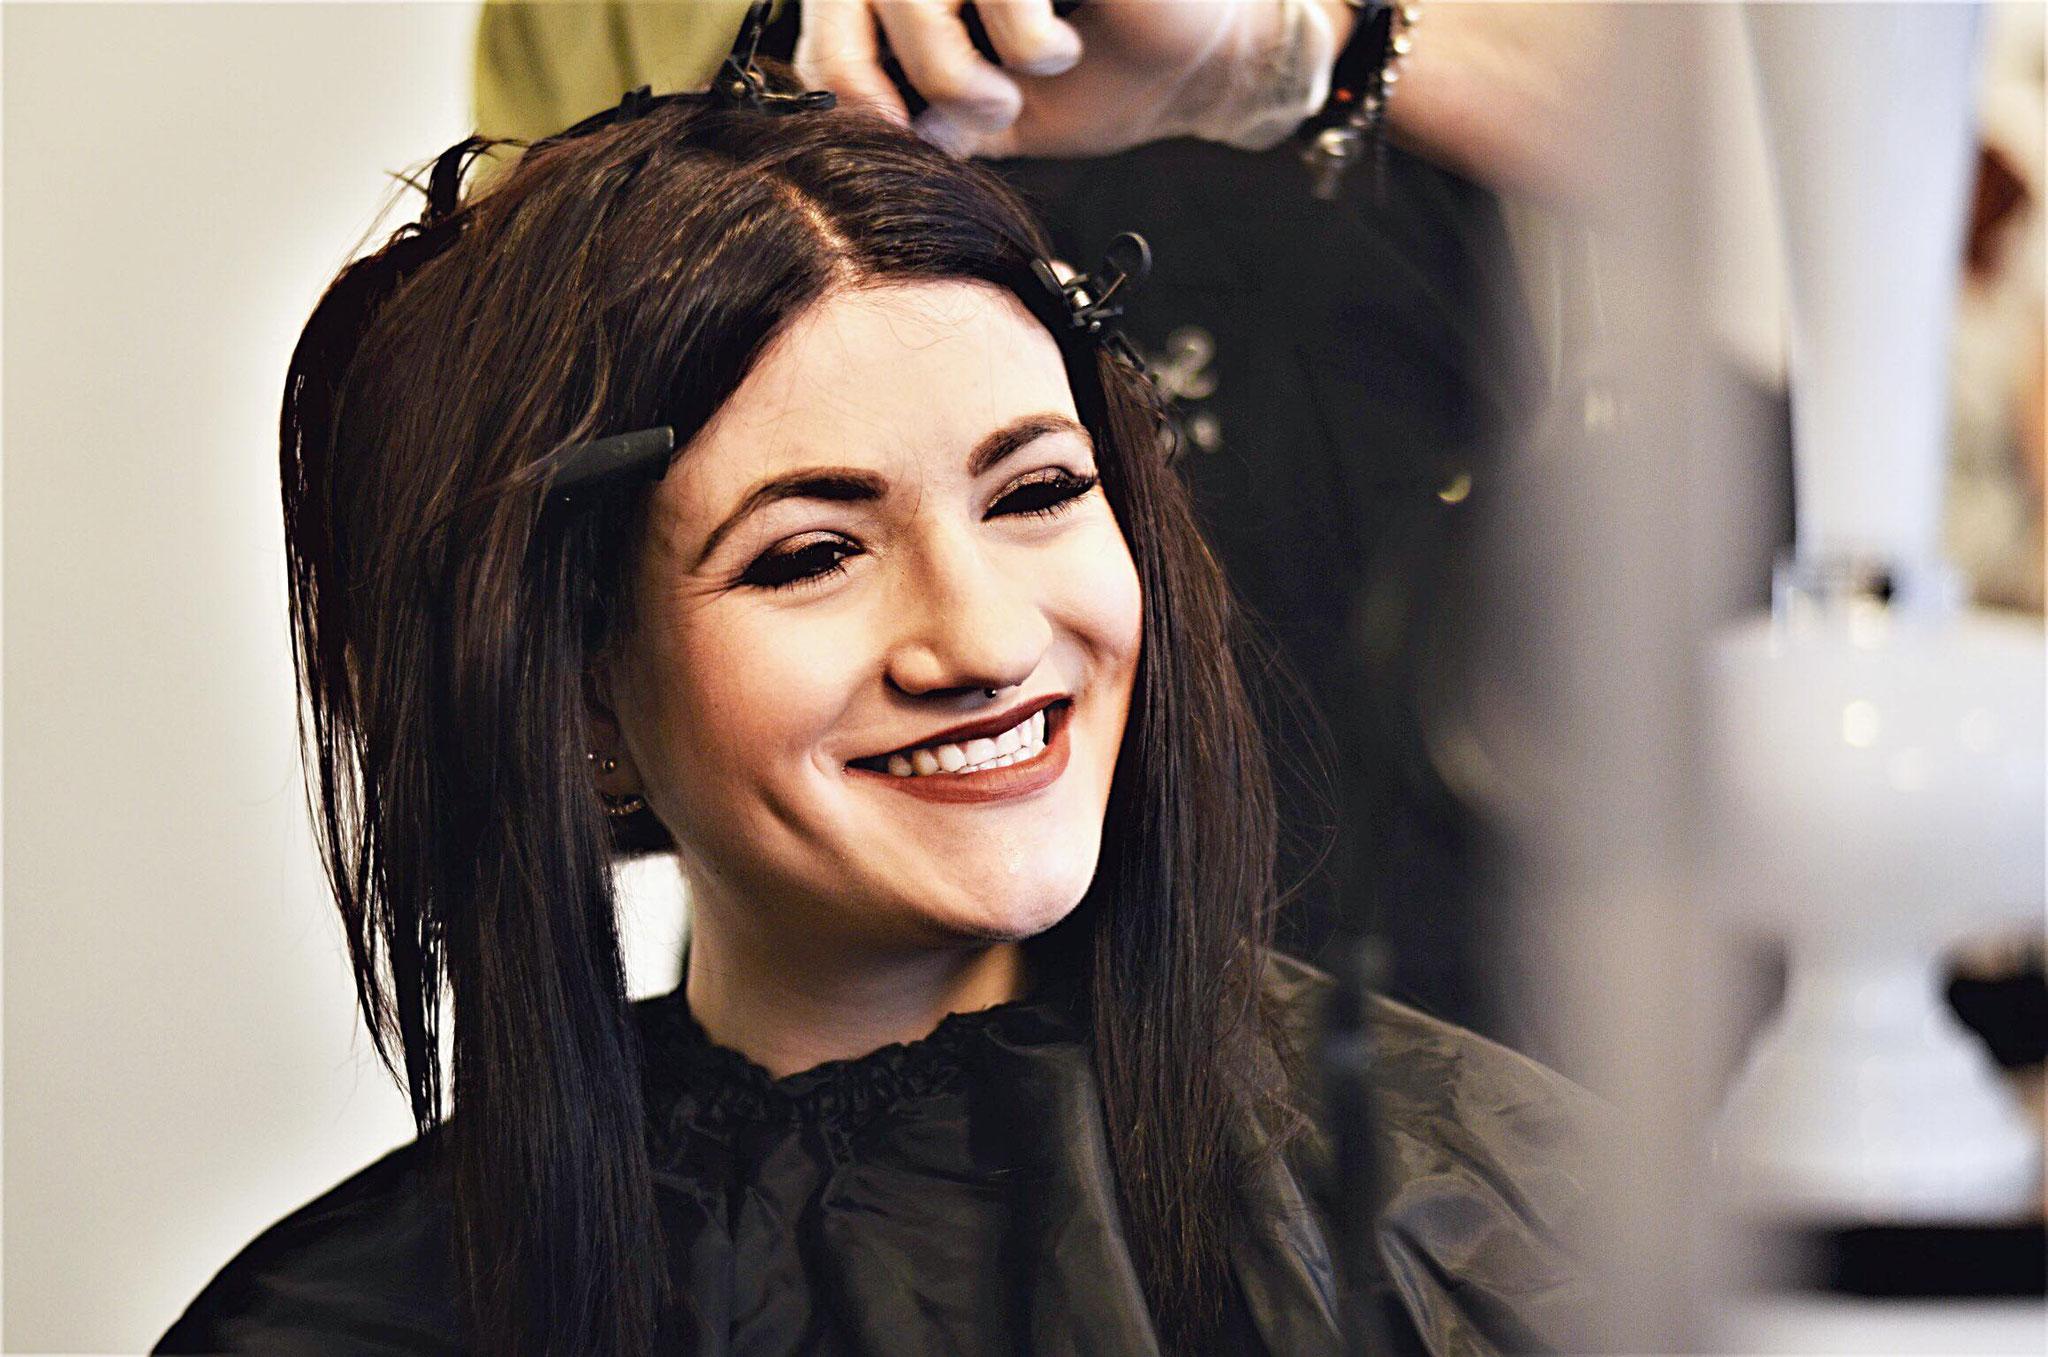 Schritt 2: Das flüssige Keratin Strähne für Strähne auf die Haare auftragen